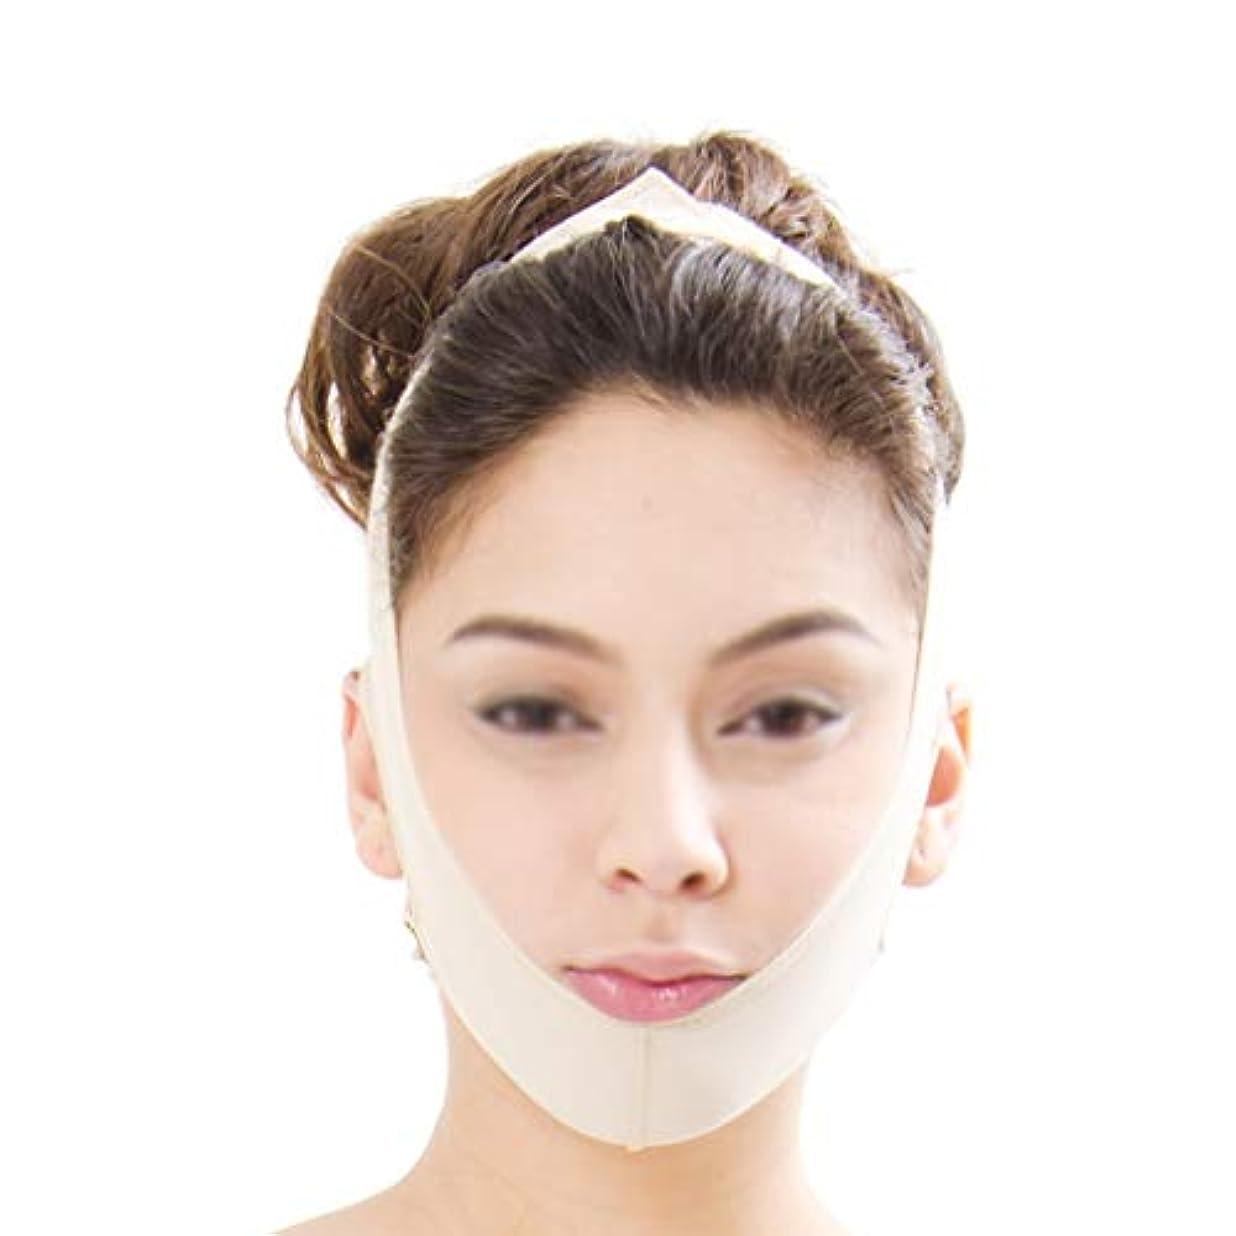 獲物トライアスリート高度XHLMRMJ フェイススリミング包帯、フェイスリフティングマスク、フェイスリフティング包帯、フェイシャル減量マスク、ダブルチンケア減量 (Size : XXL)